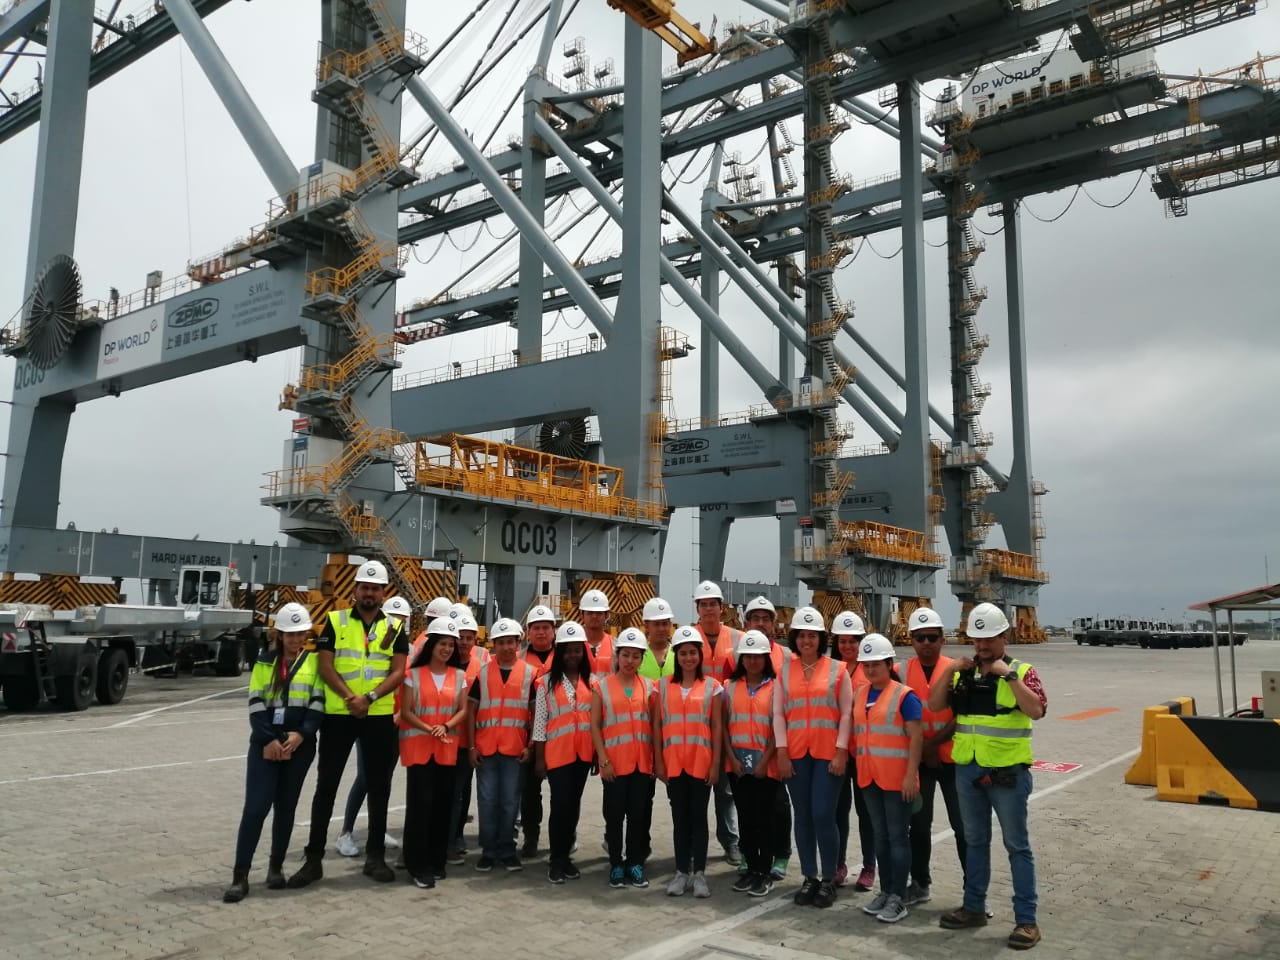 Actividad Experiencial – Visita al Puerto DP World Posorja